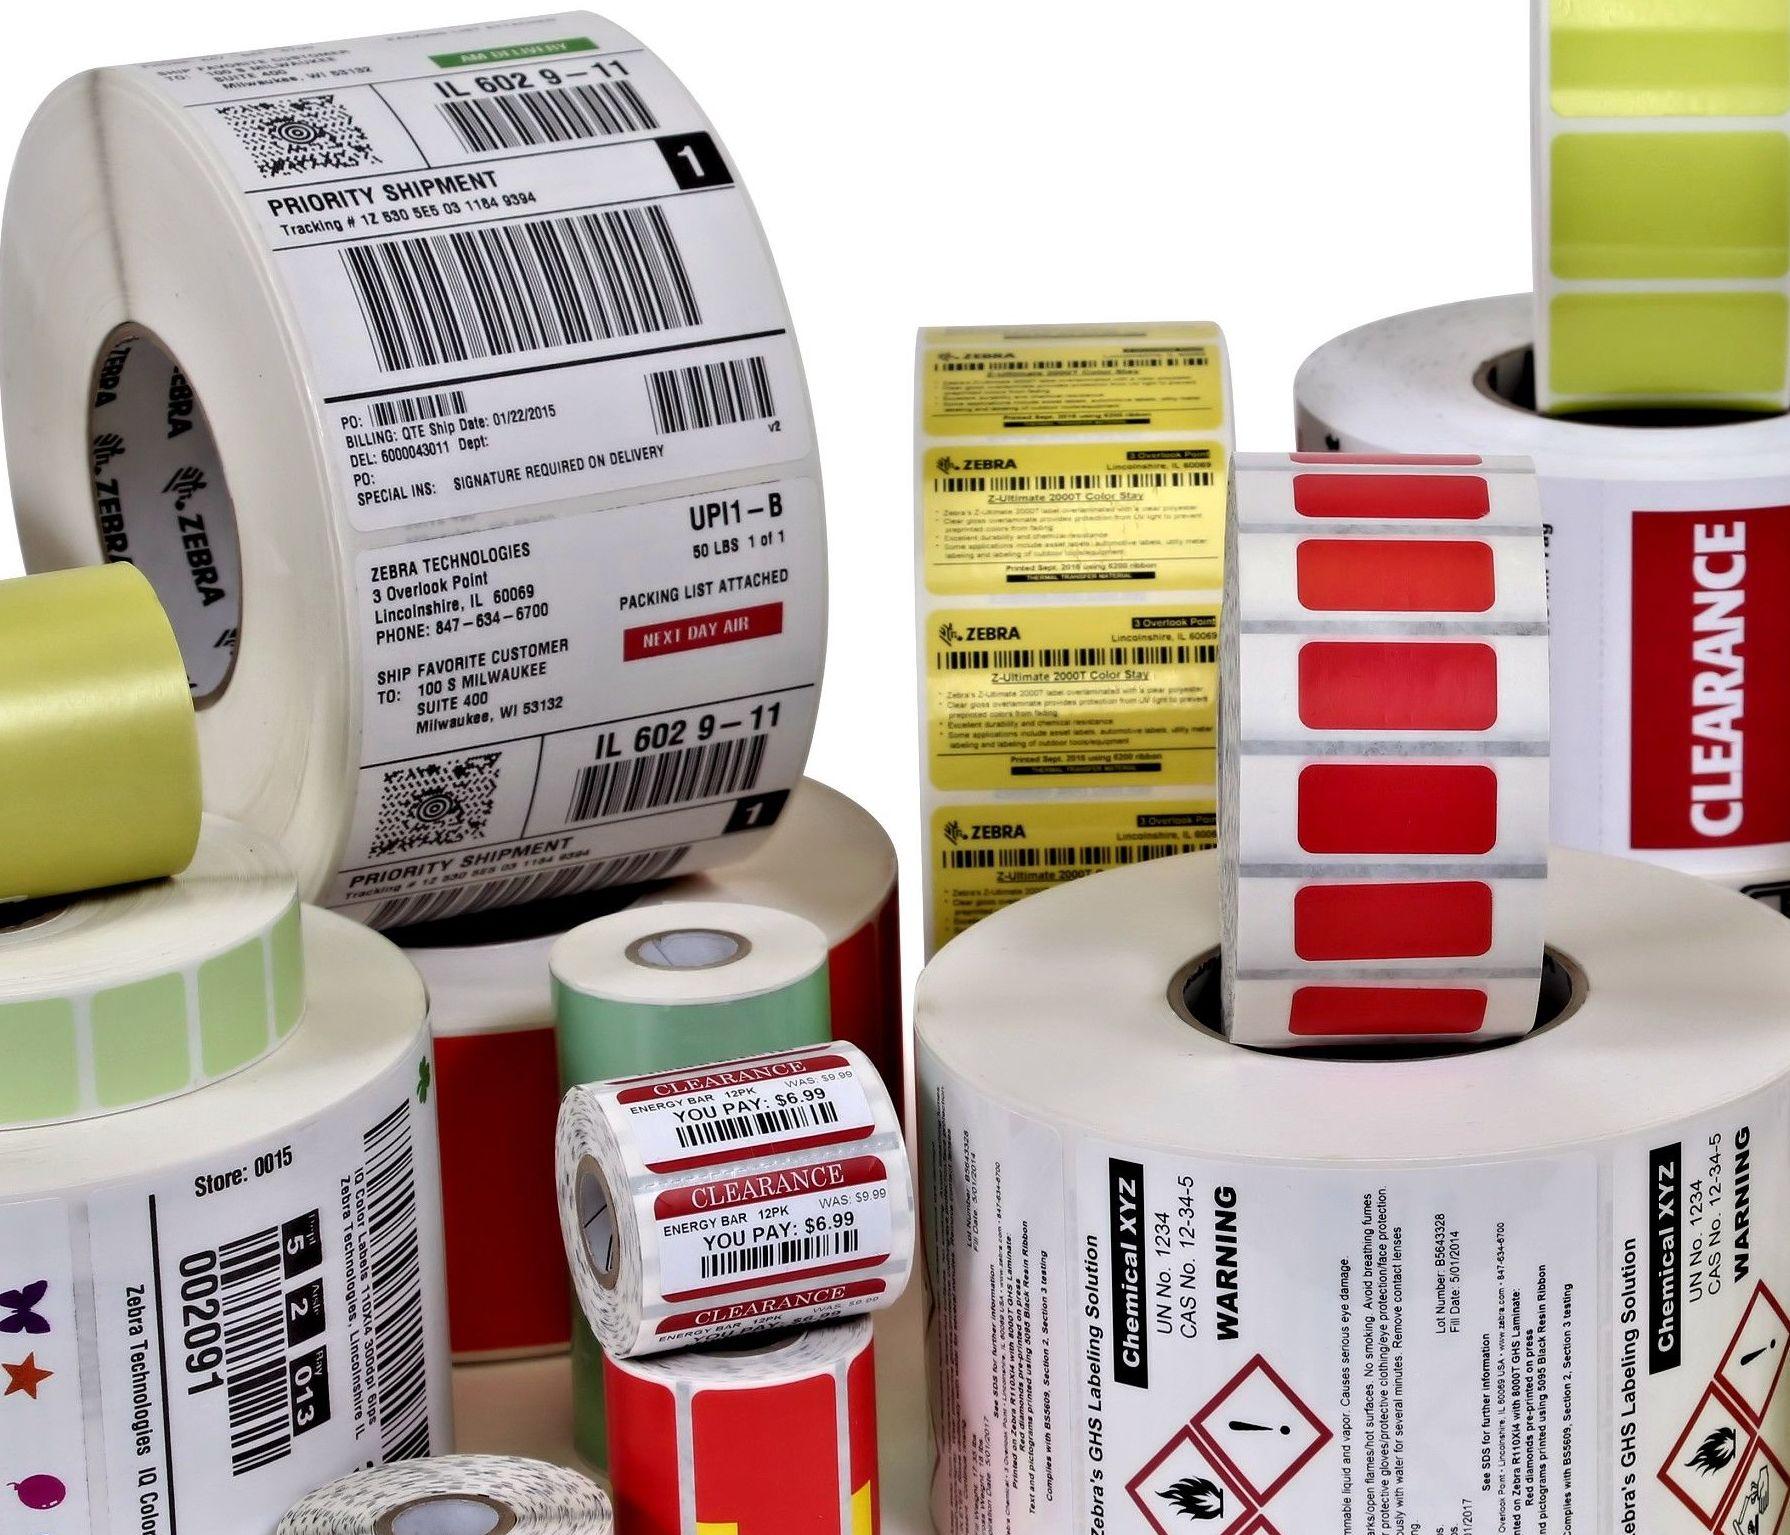 Etiquetas Térmicas Adhesivas y Textiles: Productos y Servicios de  S T G L O B A L